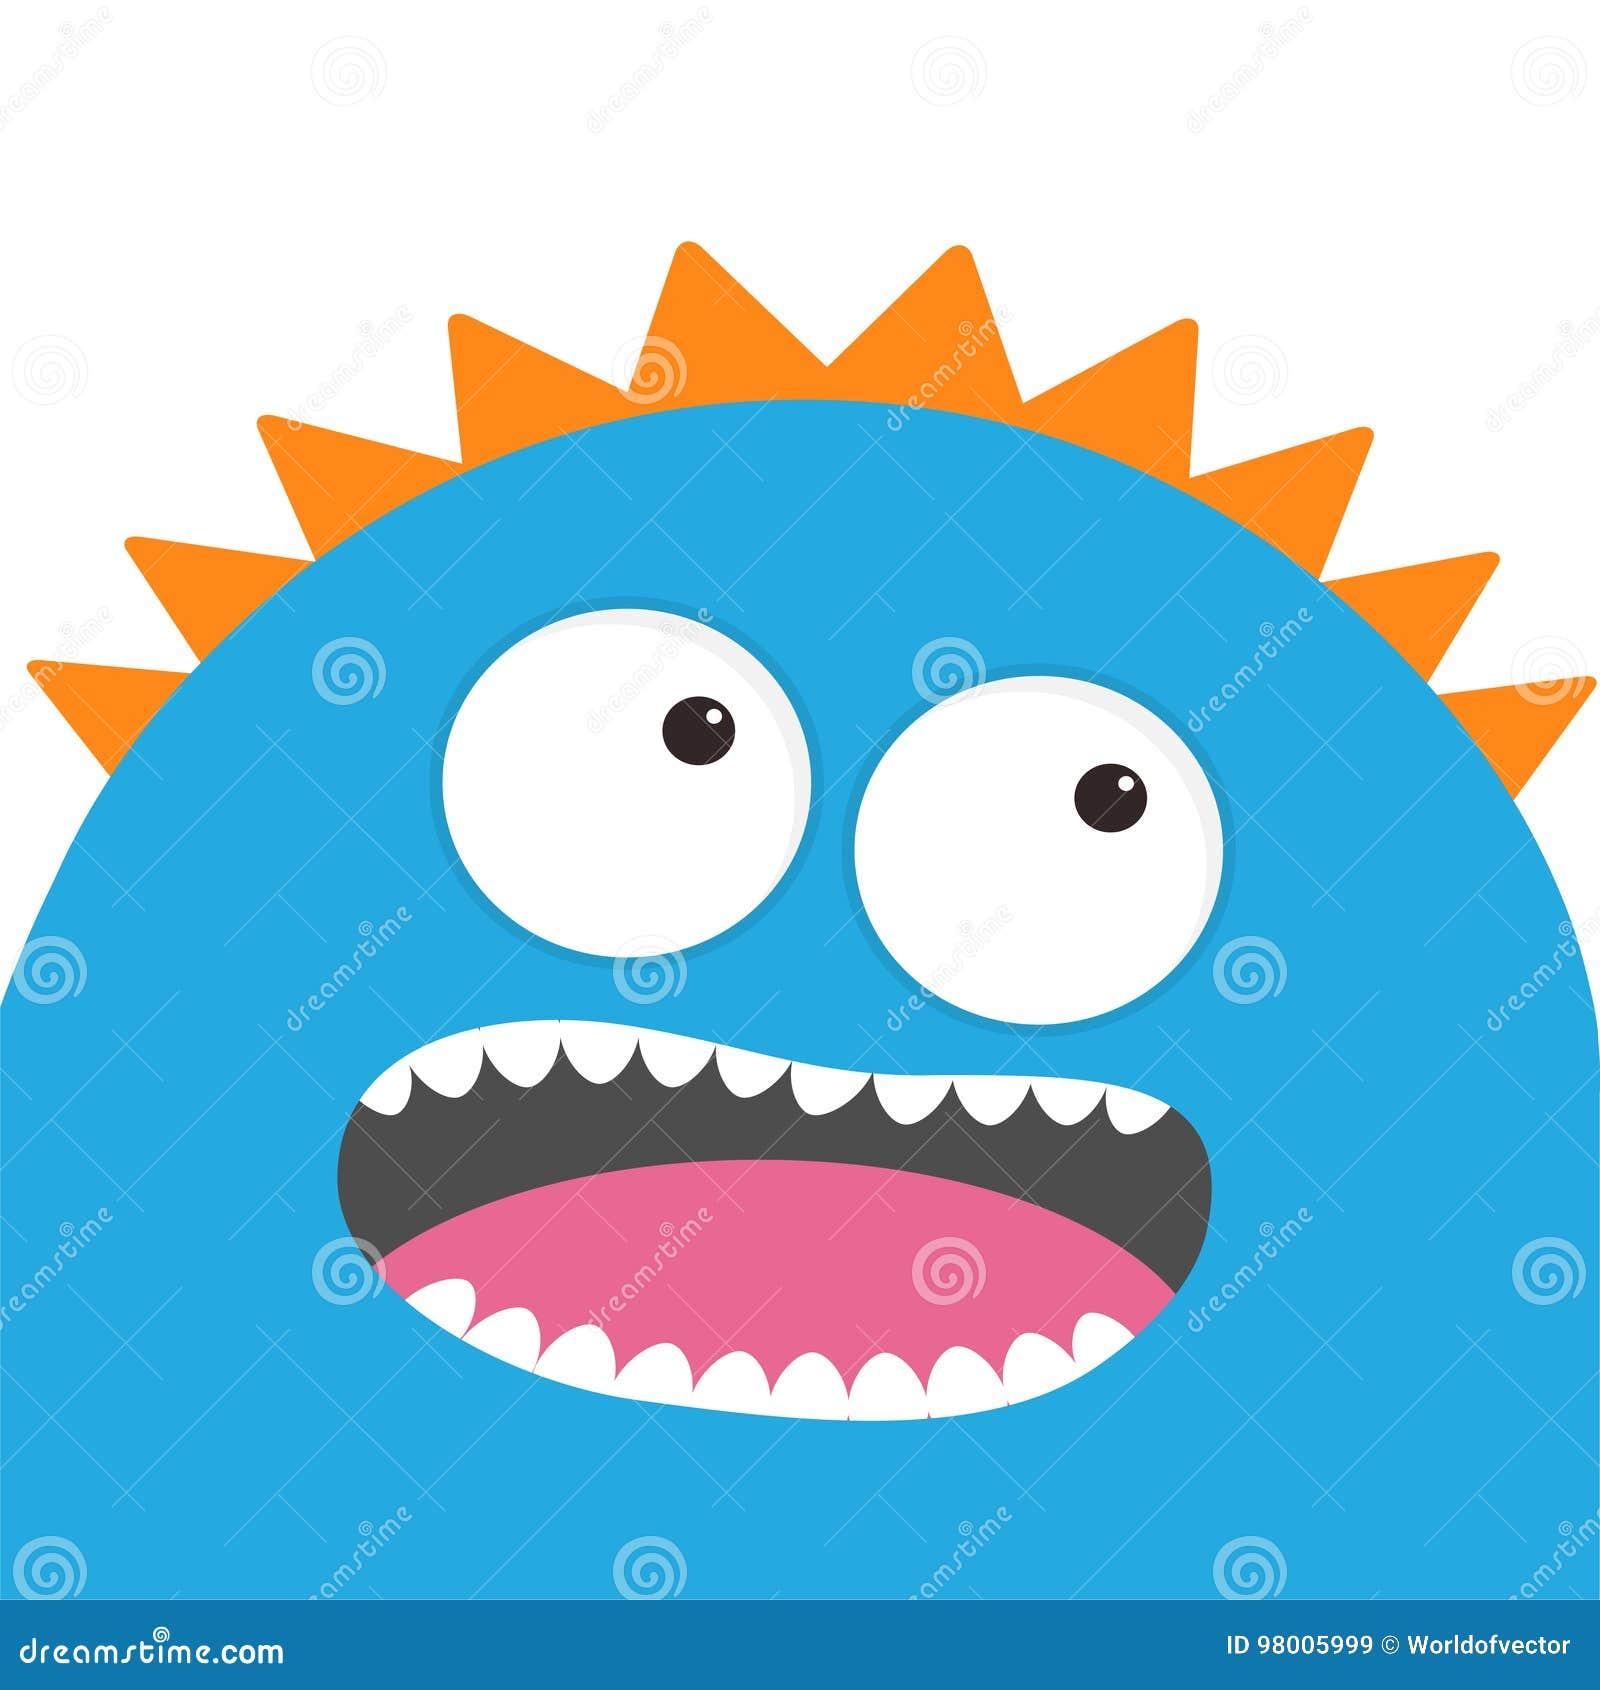 Blauer Monsterkopf Mit Zwei Augen Zähne Zunge Lustige Nette